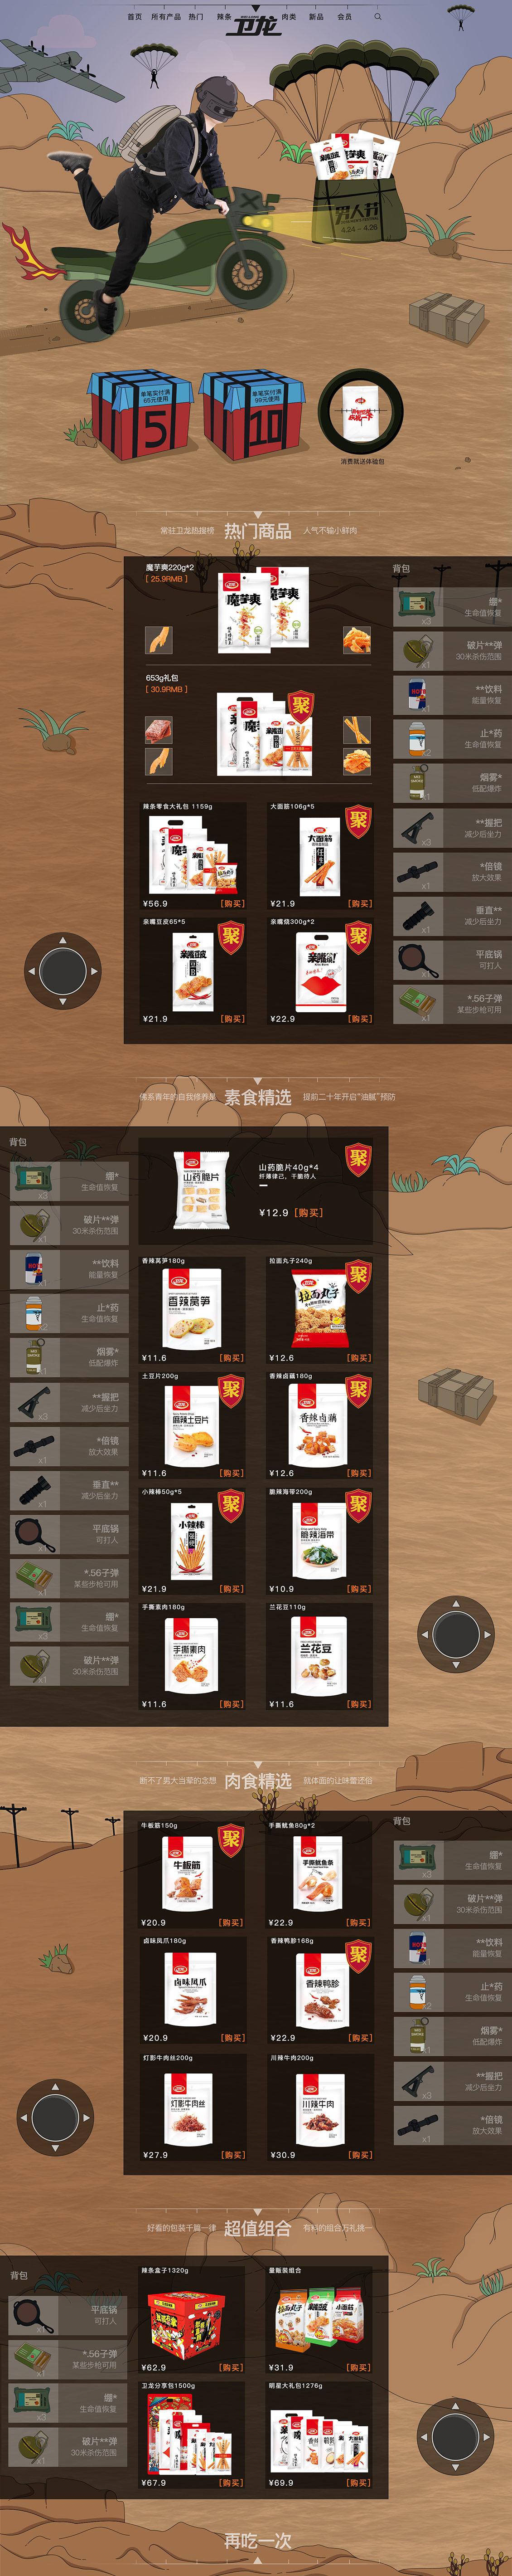 卫龙食品 食品 零食 酒水 男人节 天猫首页活动专题网页设计